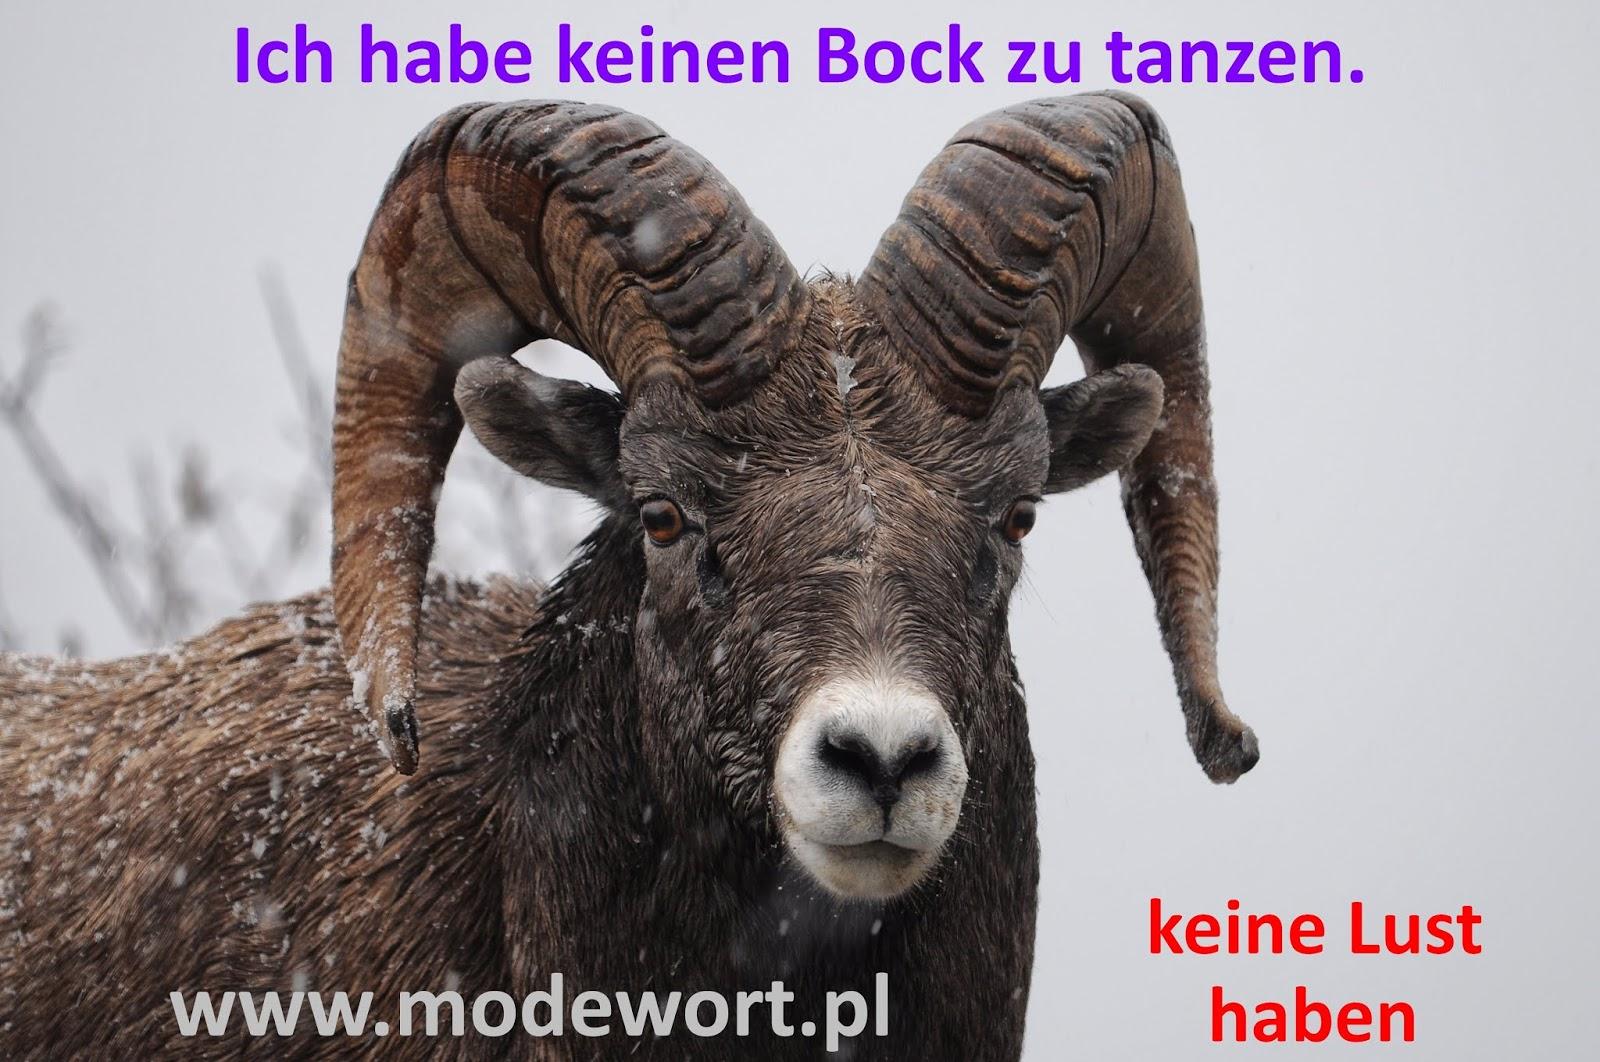 Modewort Jniemiecki Deutsch Als Fremdsprache Bild 1 Keinen Bock